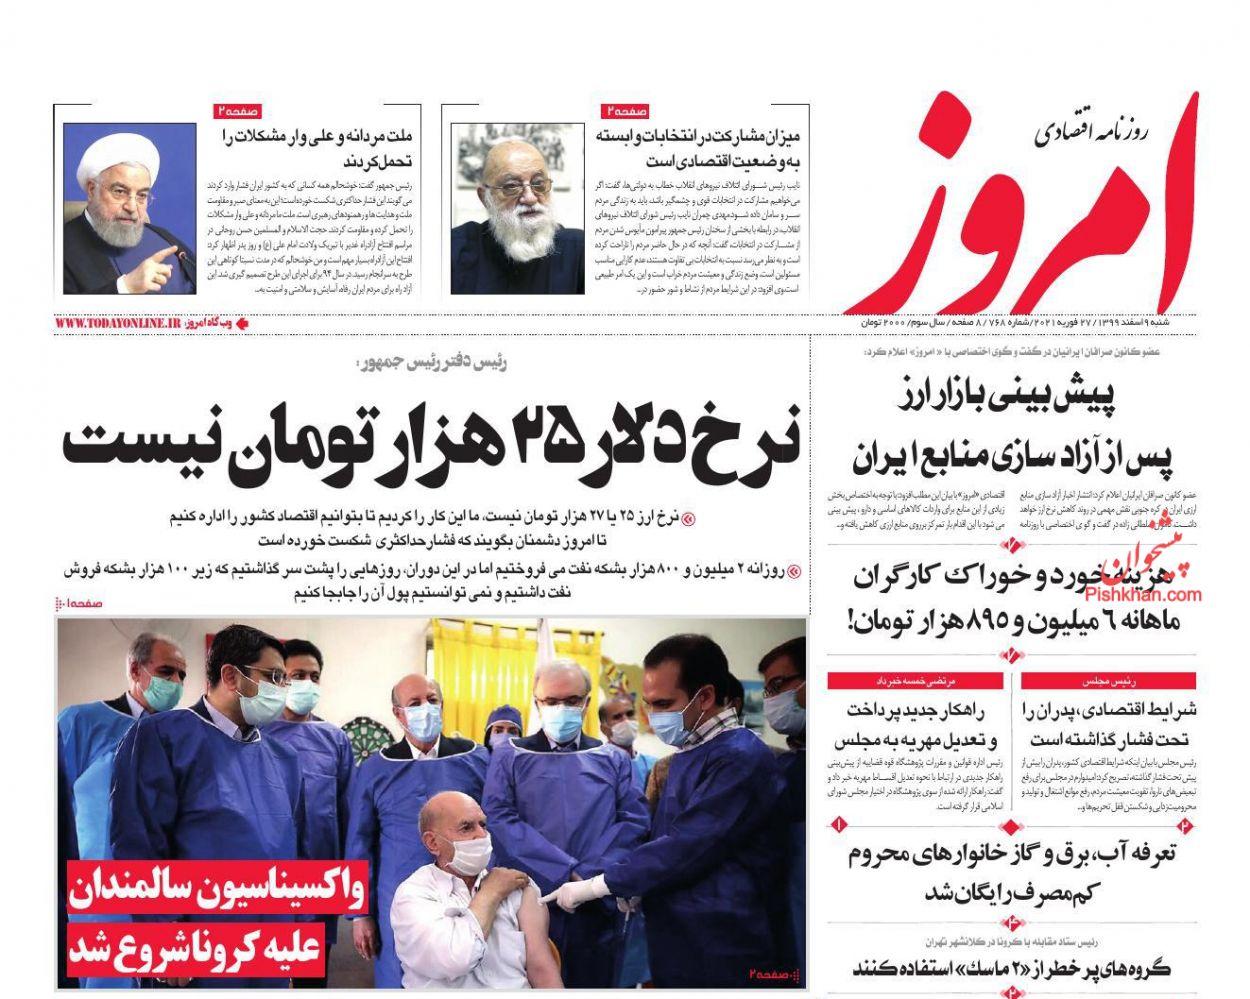 عناوین اخبار روزنامه امروز در روز شنبه ۹ اسفند